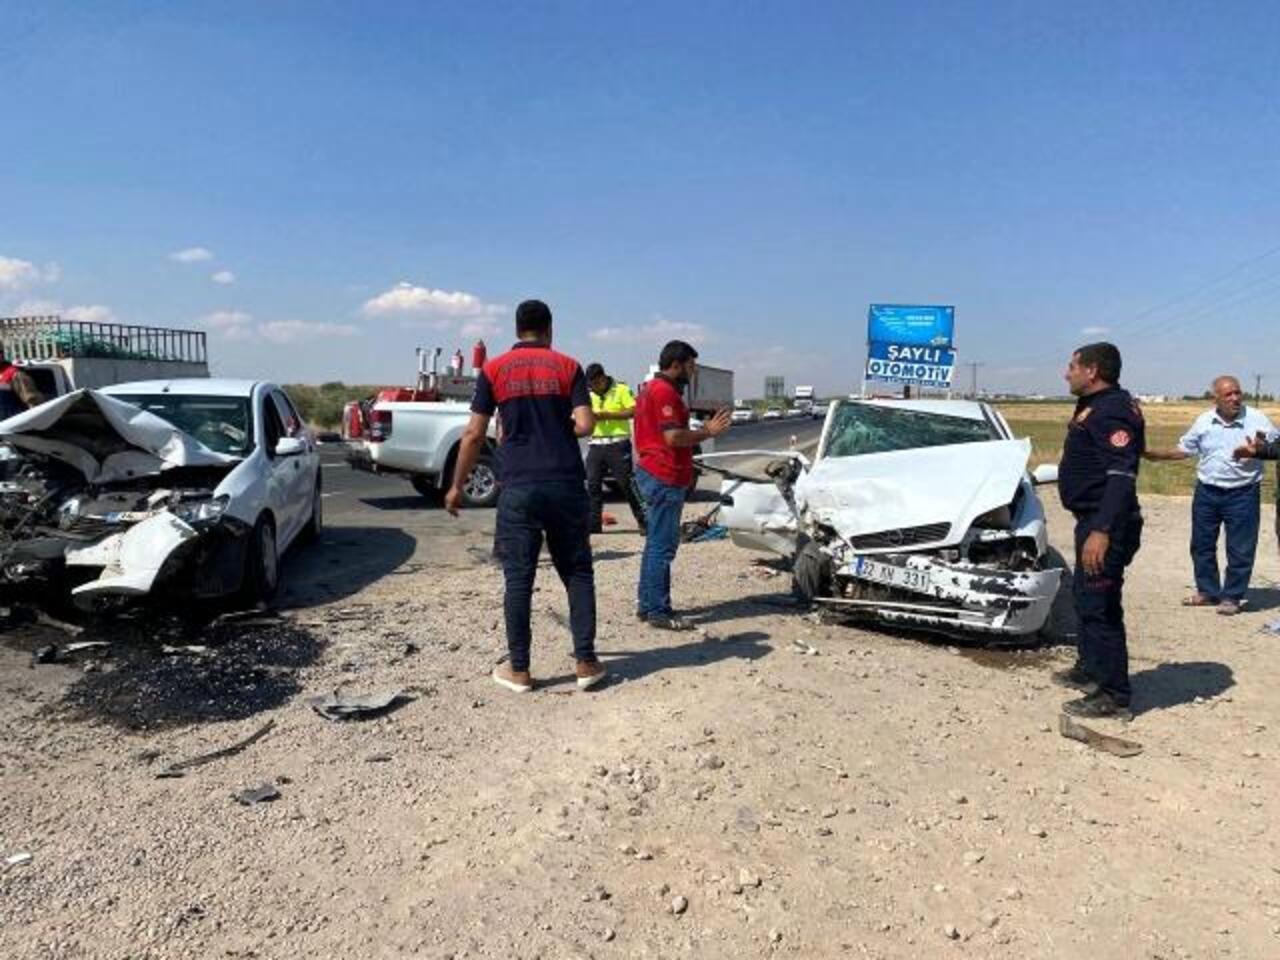 Şanlıurfa'da trafik kazası sonucu 7 kişi yaralandı